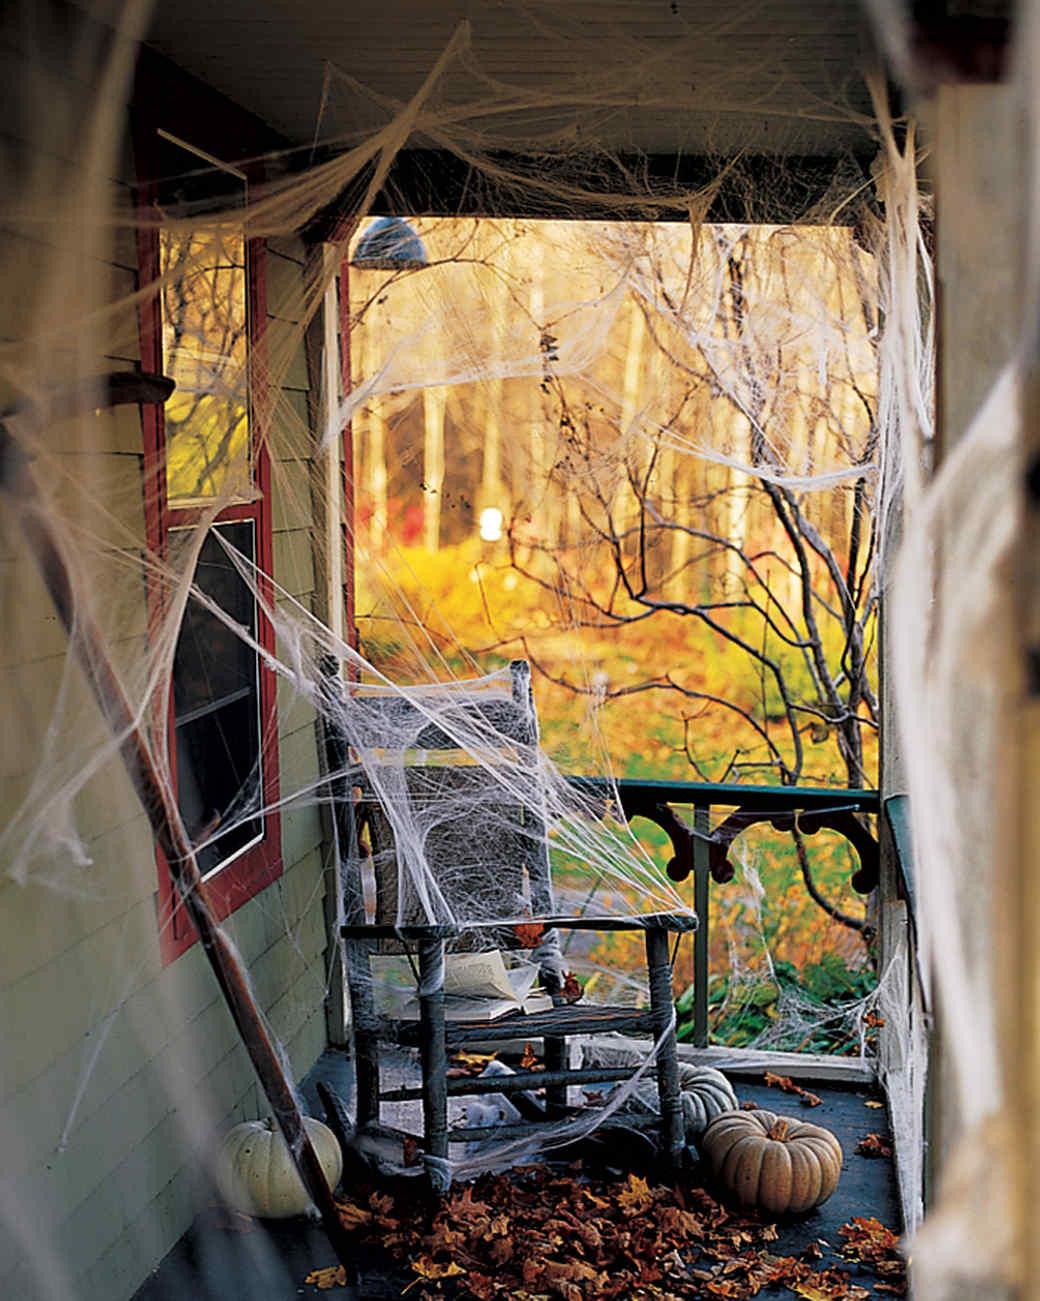 web-porch-1010sip98100.jpg